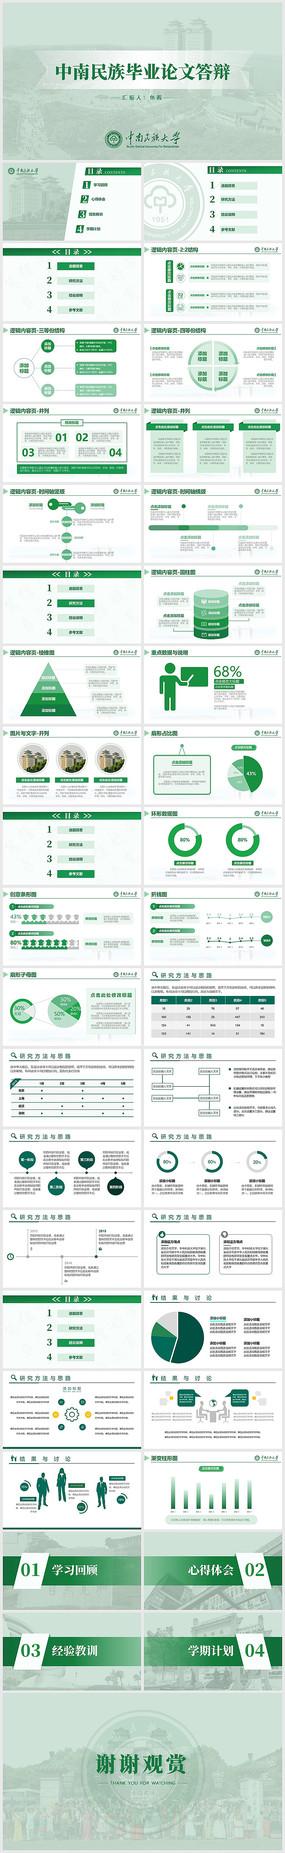 中南民族大学蓝色完整框架毕业论文答辩